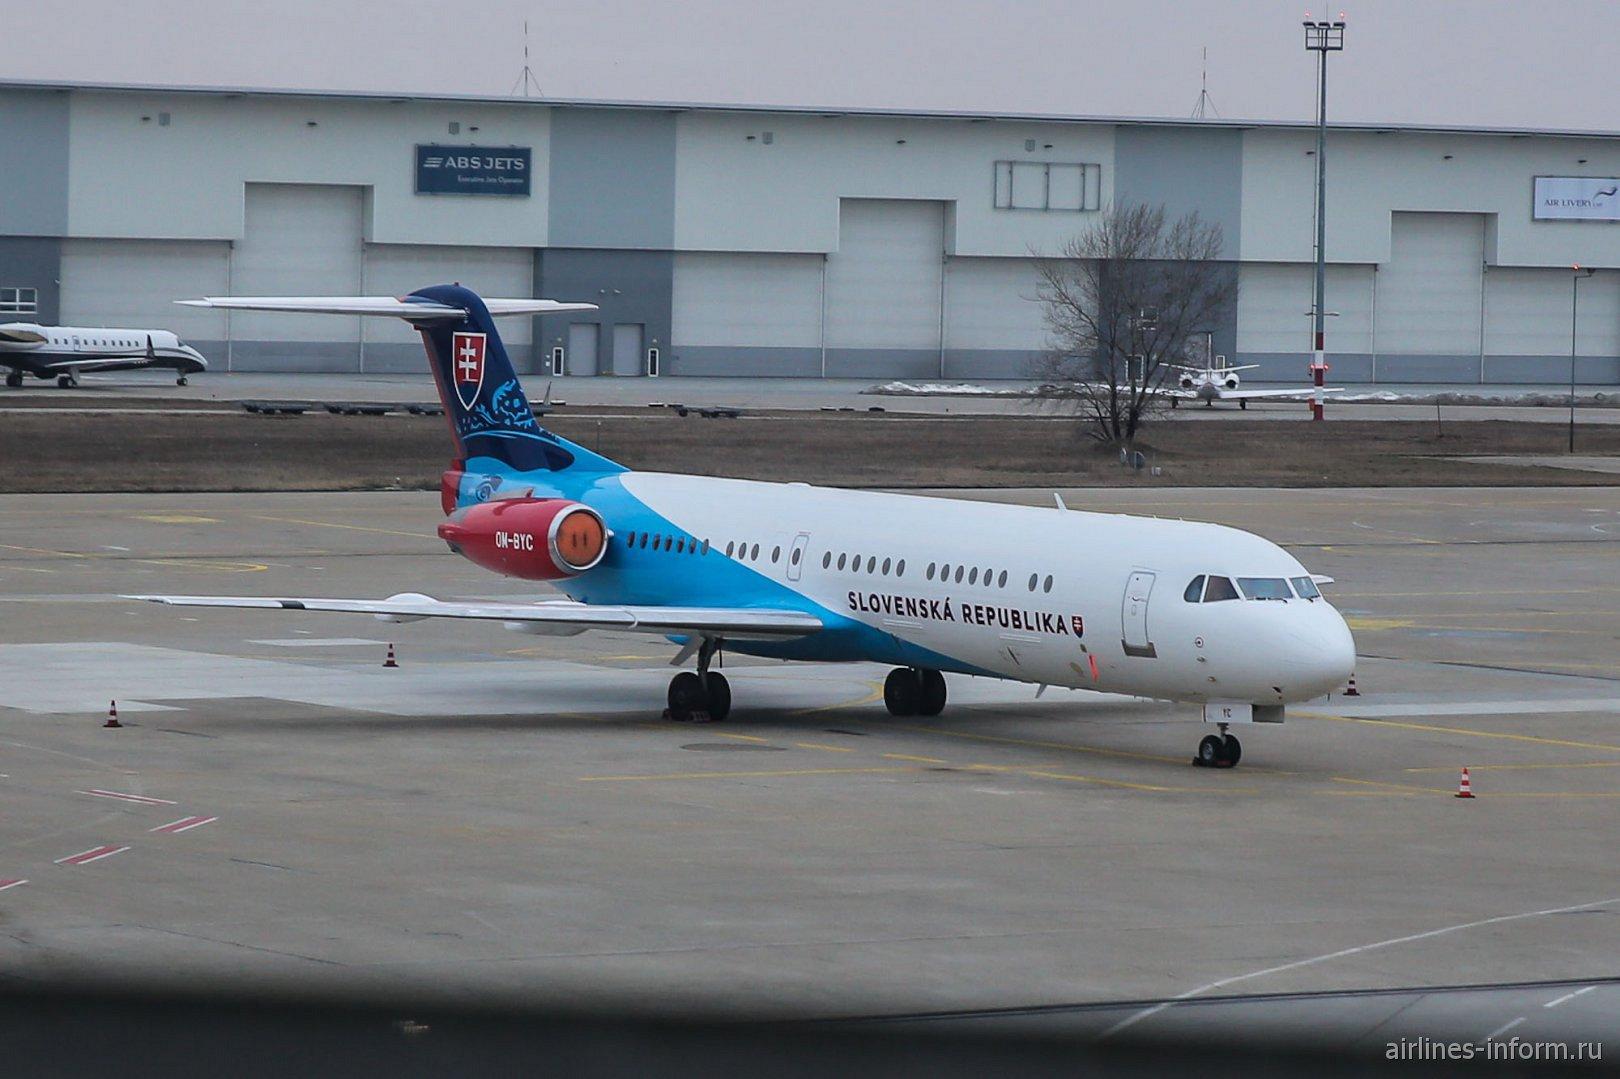 Фоккер-100 с номером OM-BYC правительственного авиаотряда Словакии